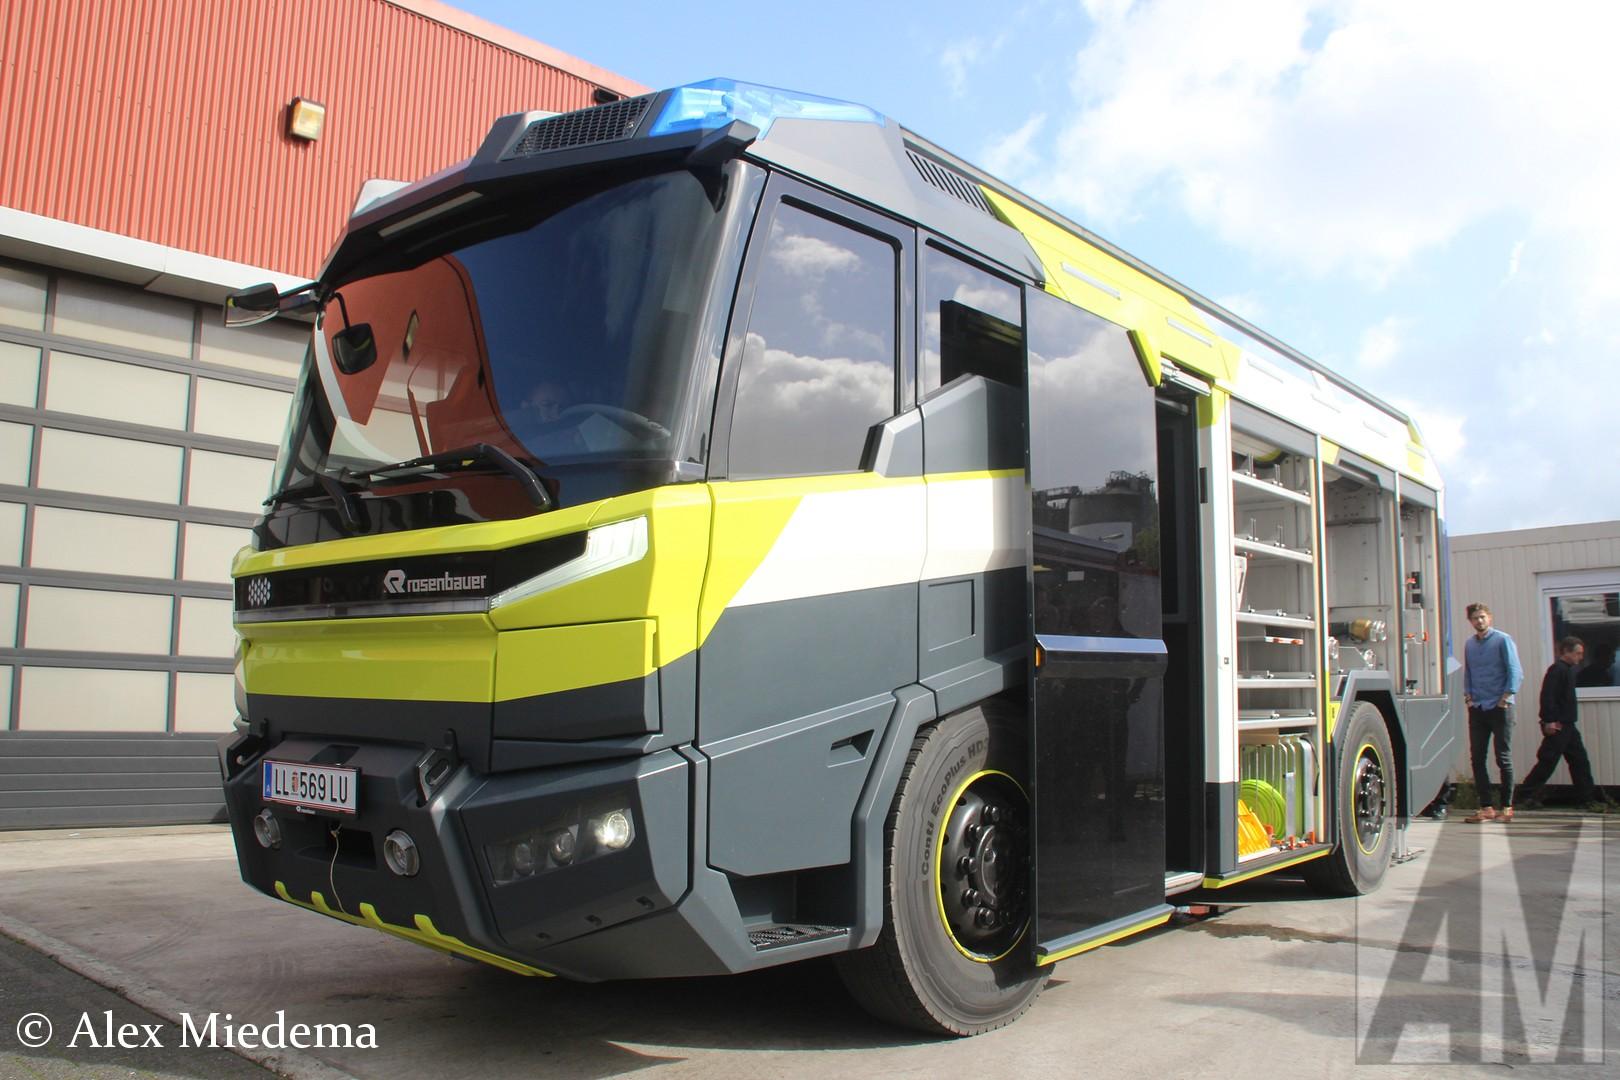 Pictures Of Future Trucks: Rosenbauer Concept Fire Truck: De Brandweerwagen Van De